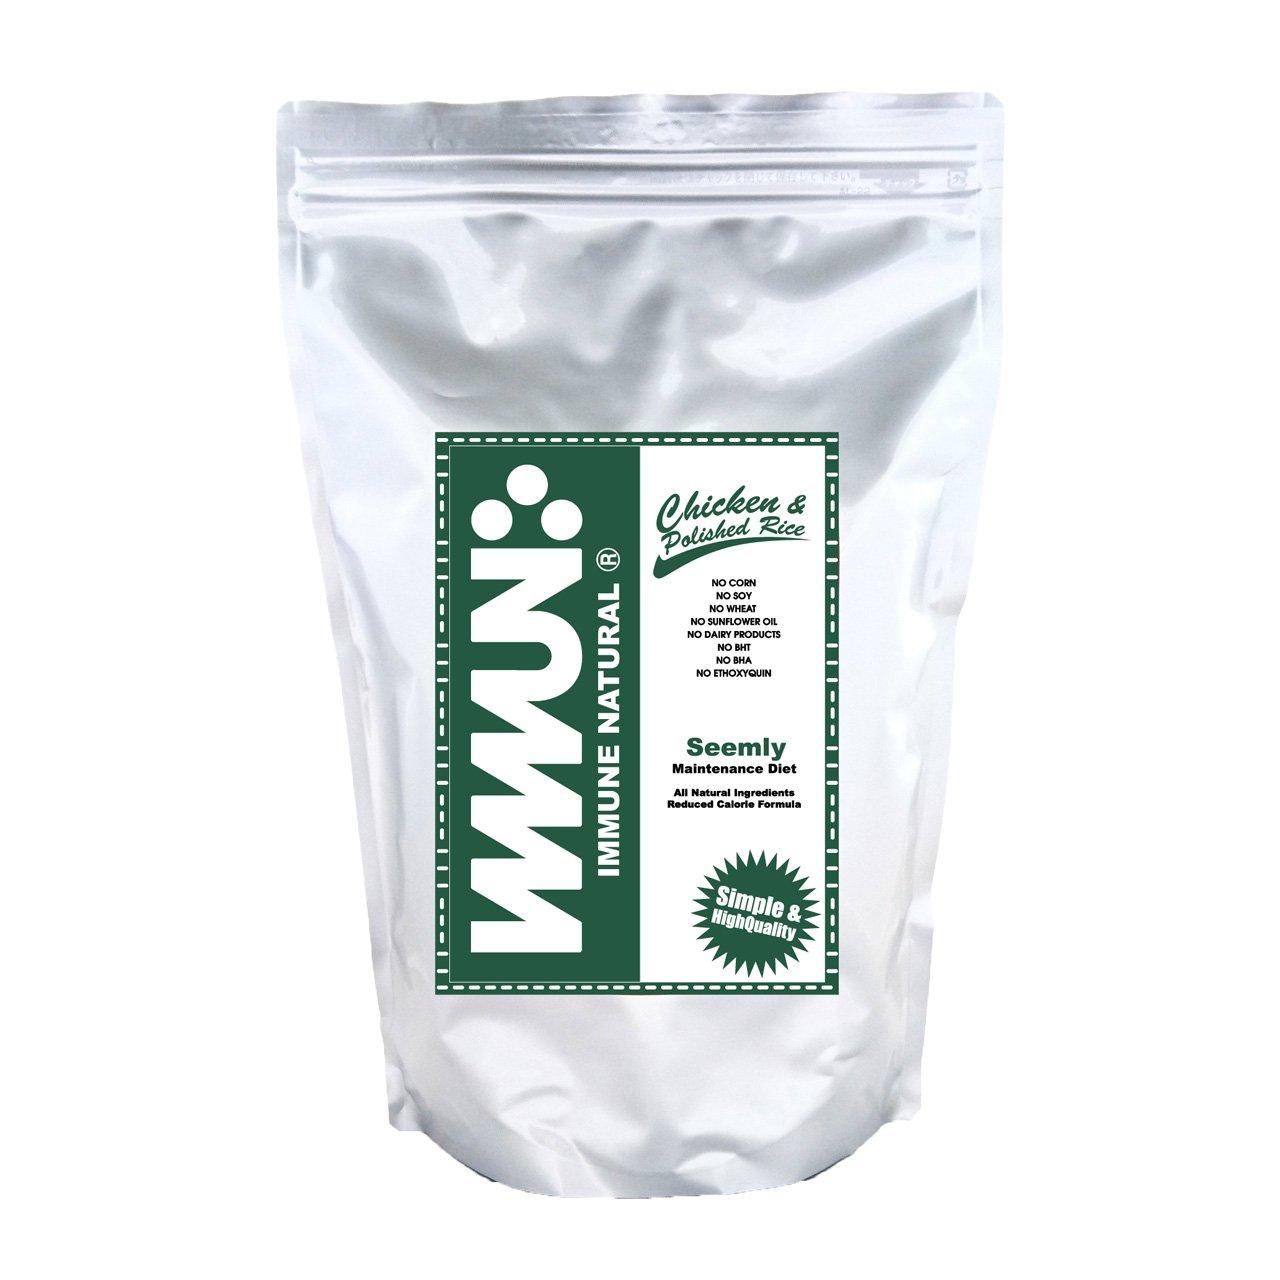 イミューンナチュラル シームリー 45ポンド(4.5ポンド×10袋) B075L5C7MV  2ポンド(1袋) 2ポンド(1袋)